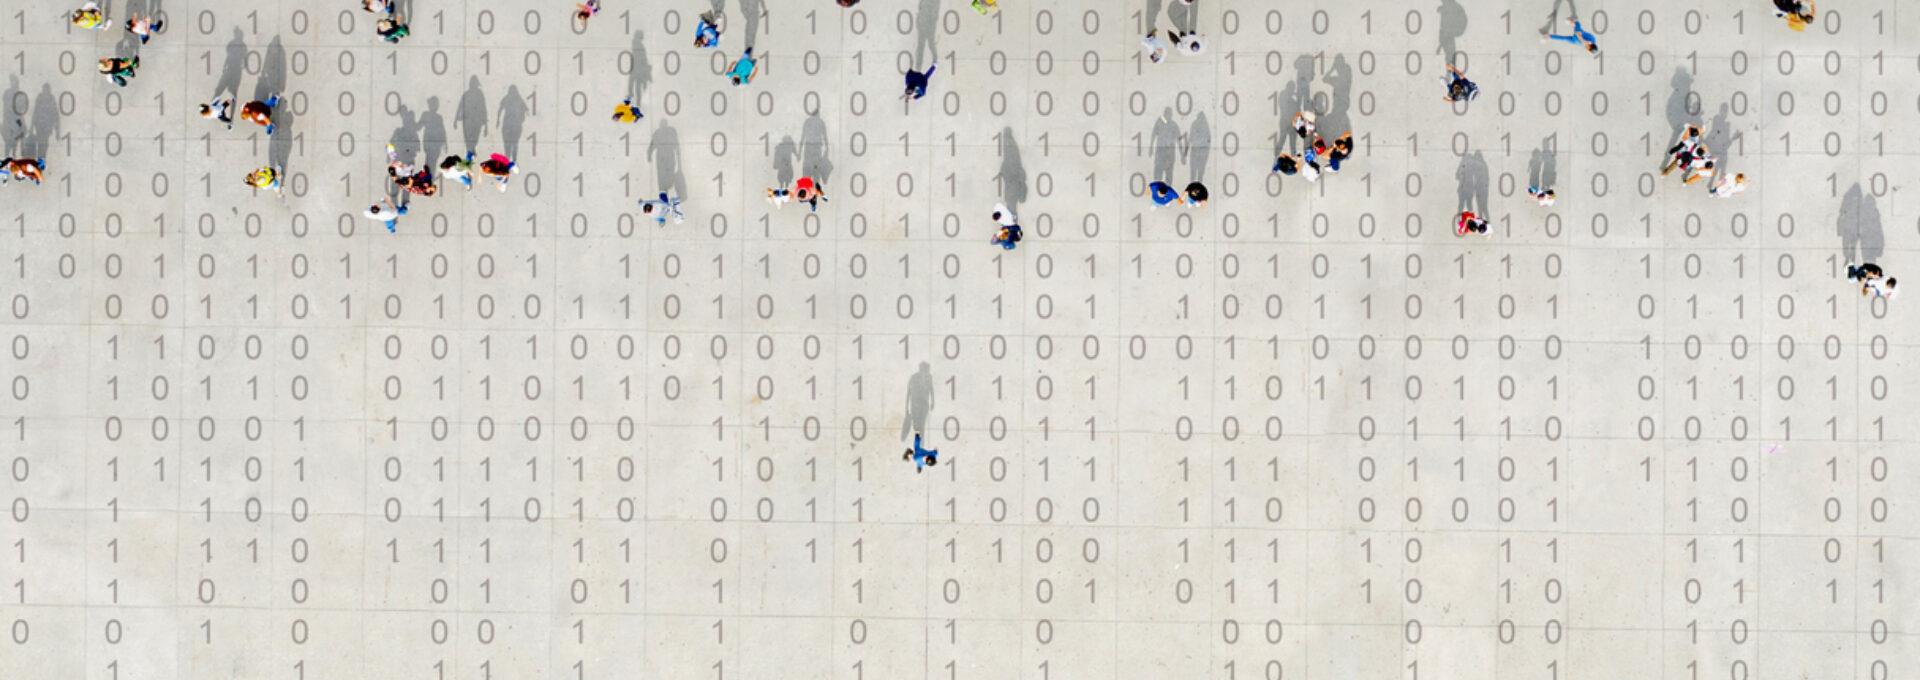 Territorialité des données